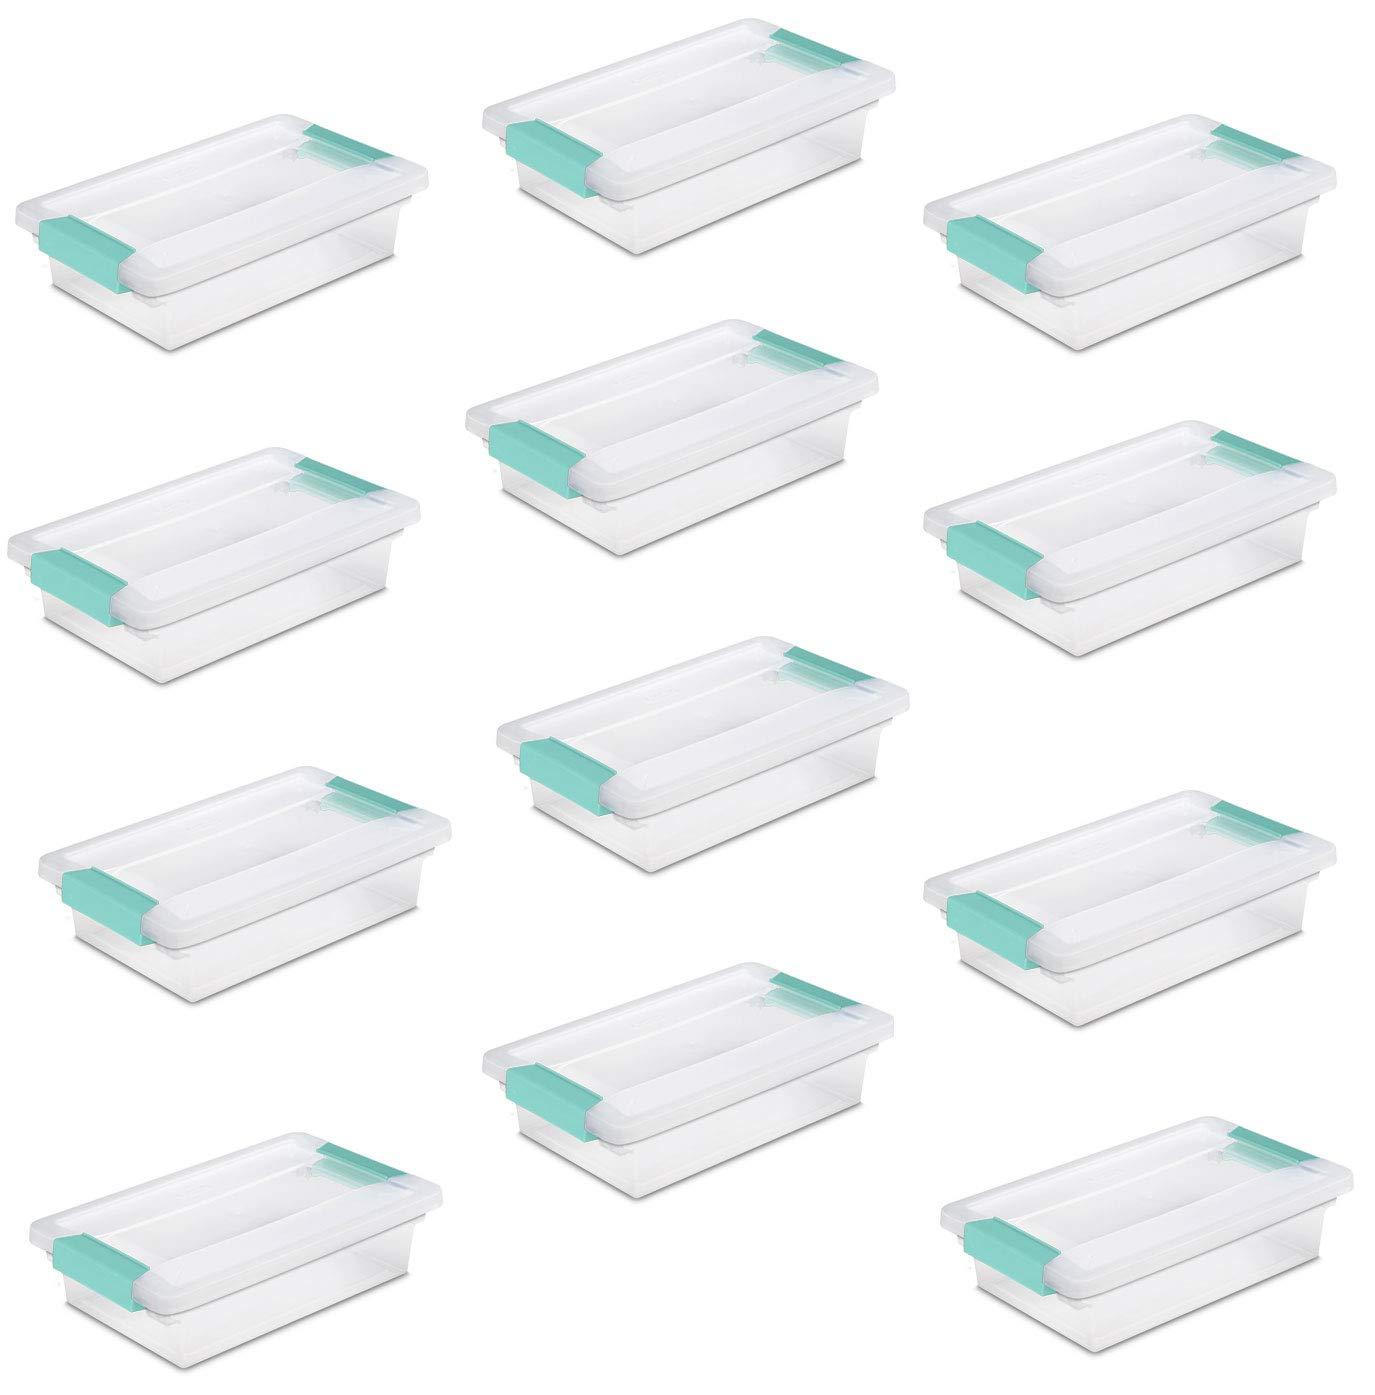 Sterilite 19618606 Small Clip Box Clear Storage Tote Container w/Lid (12 Pack) by STERILITE